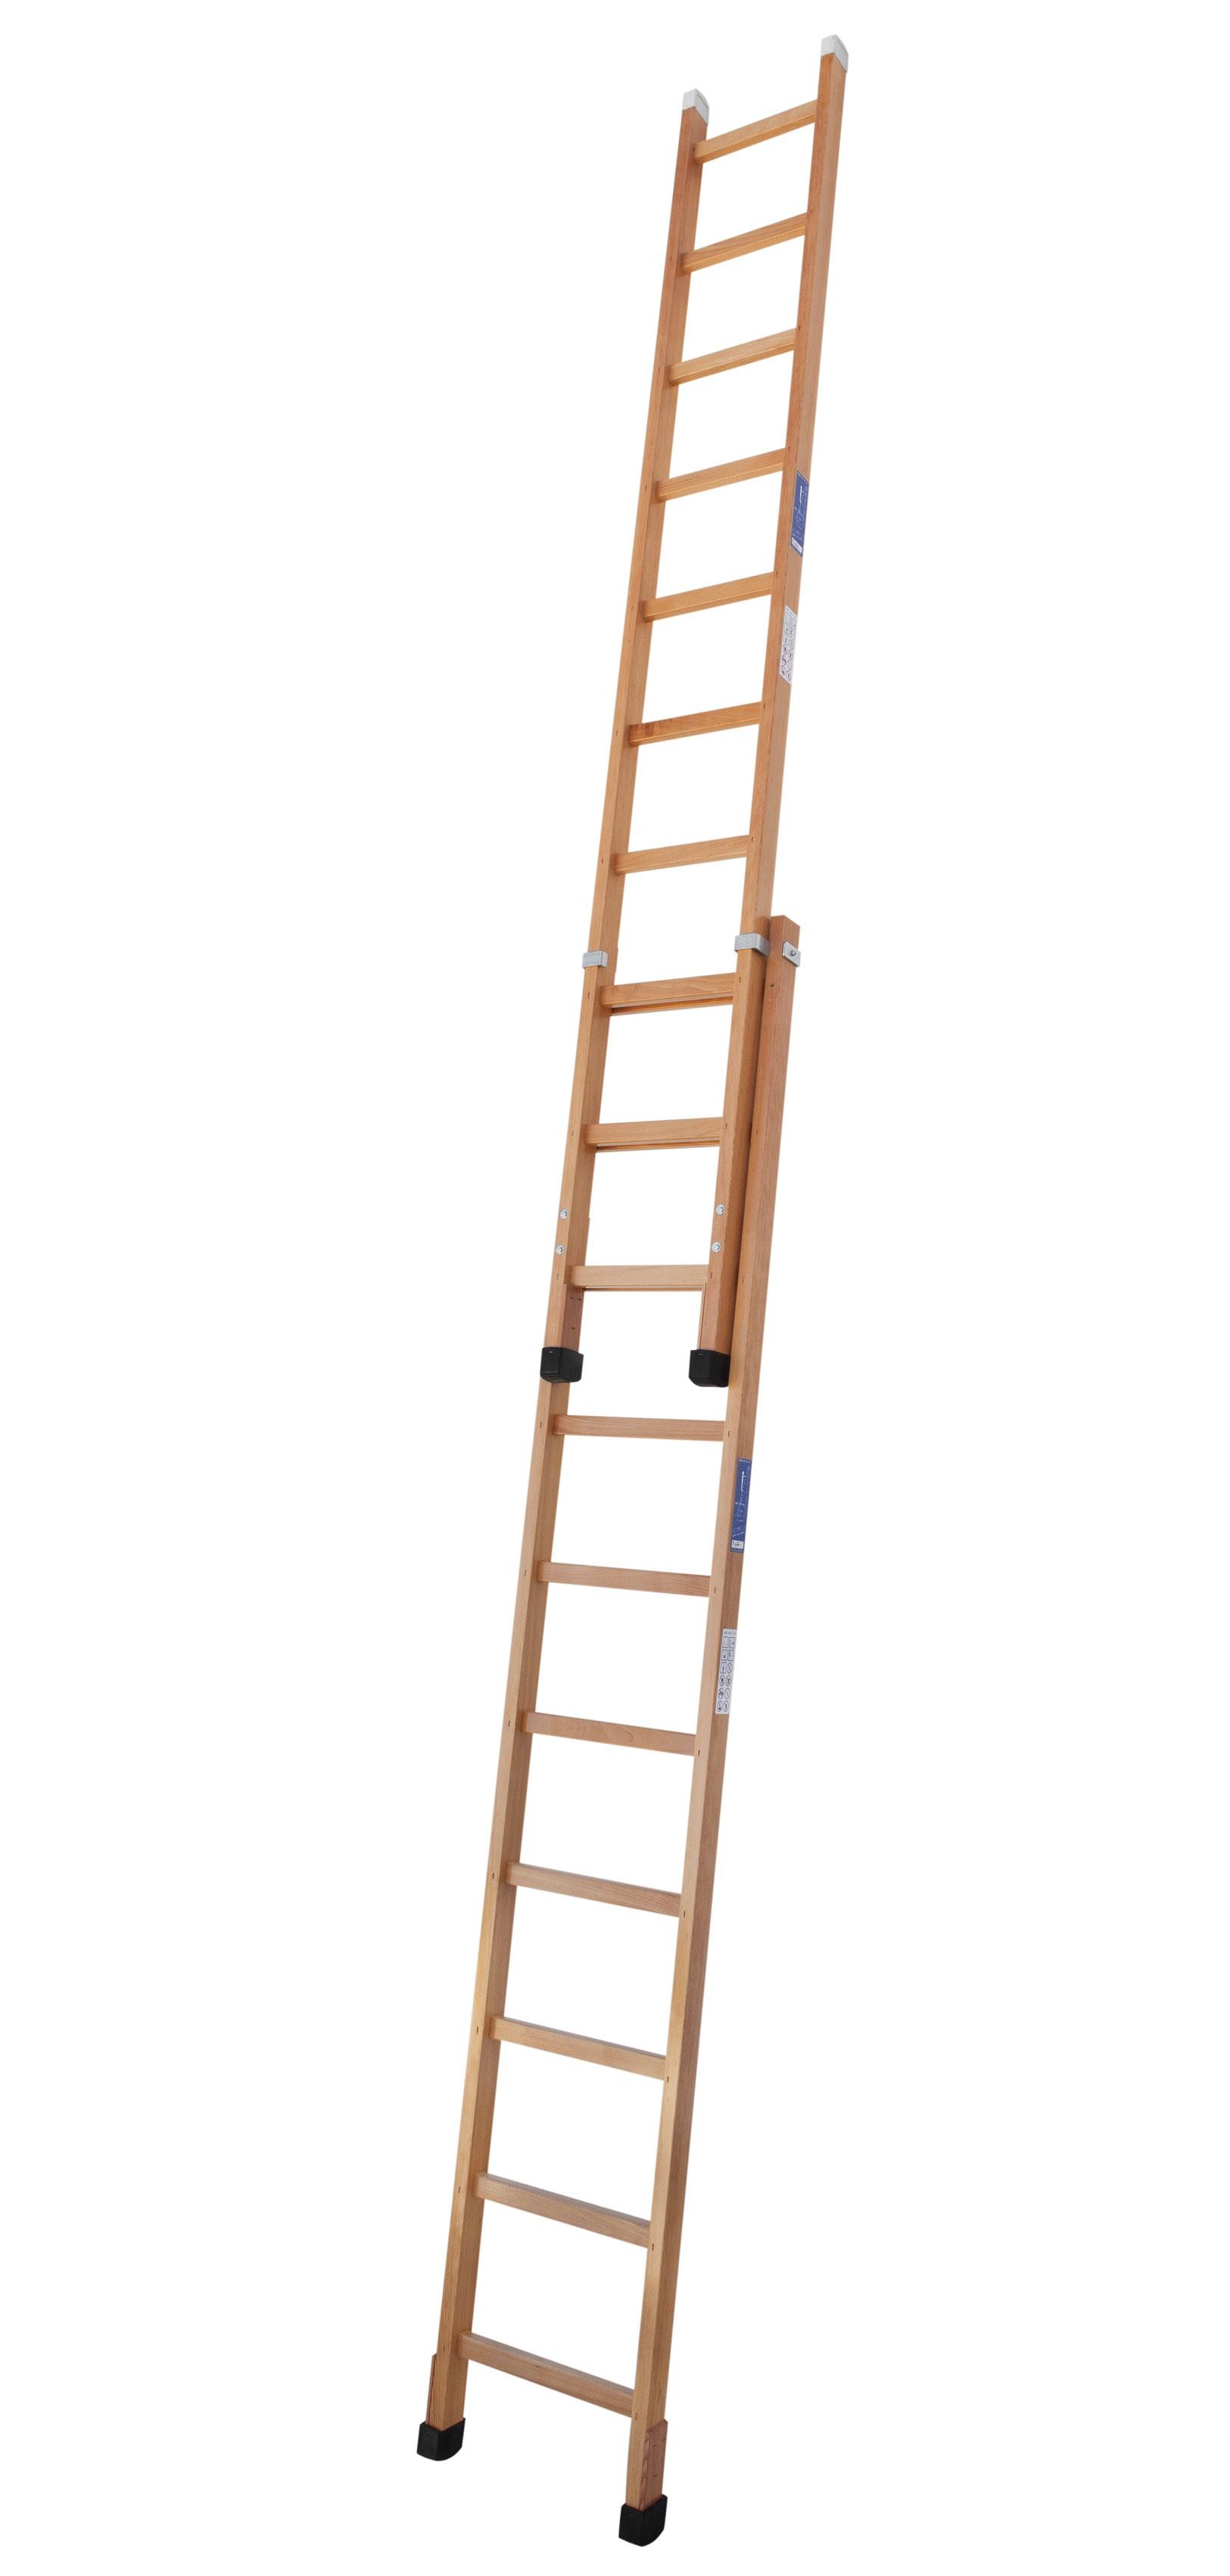 Escaleras de madera fabricaci n y venta escaleras arizona for Escalera de jardin de madera